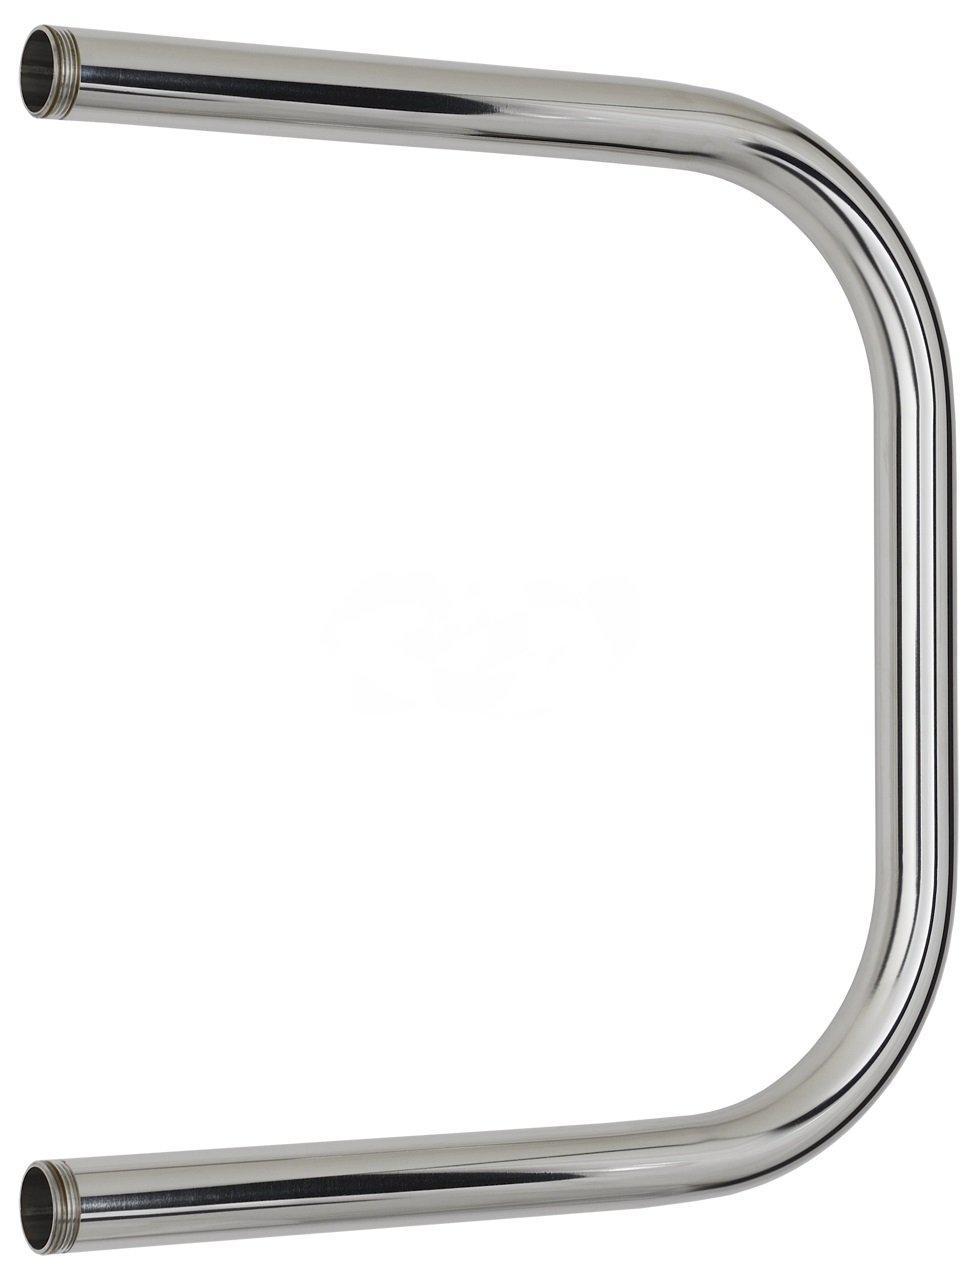 Полотенцесушитель Indigo Pw60-50 ЭКО 1.5 полотенцесушитель indigo pw50 50 эко 1 5